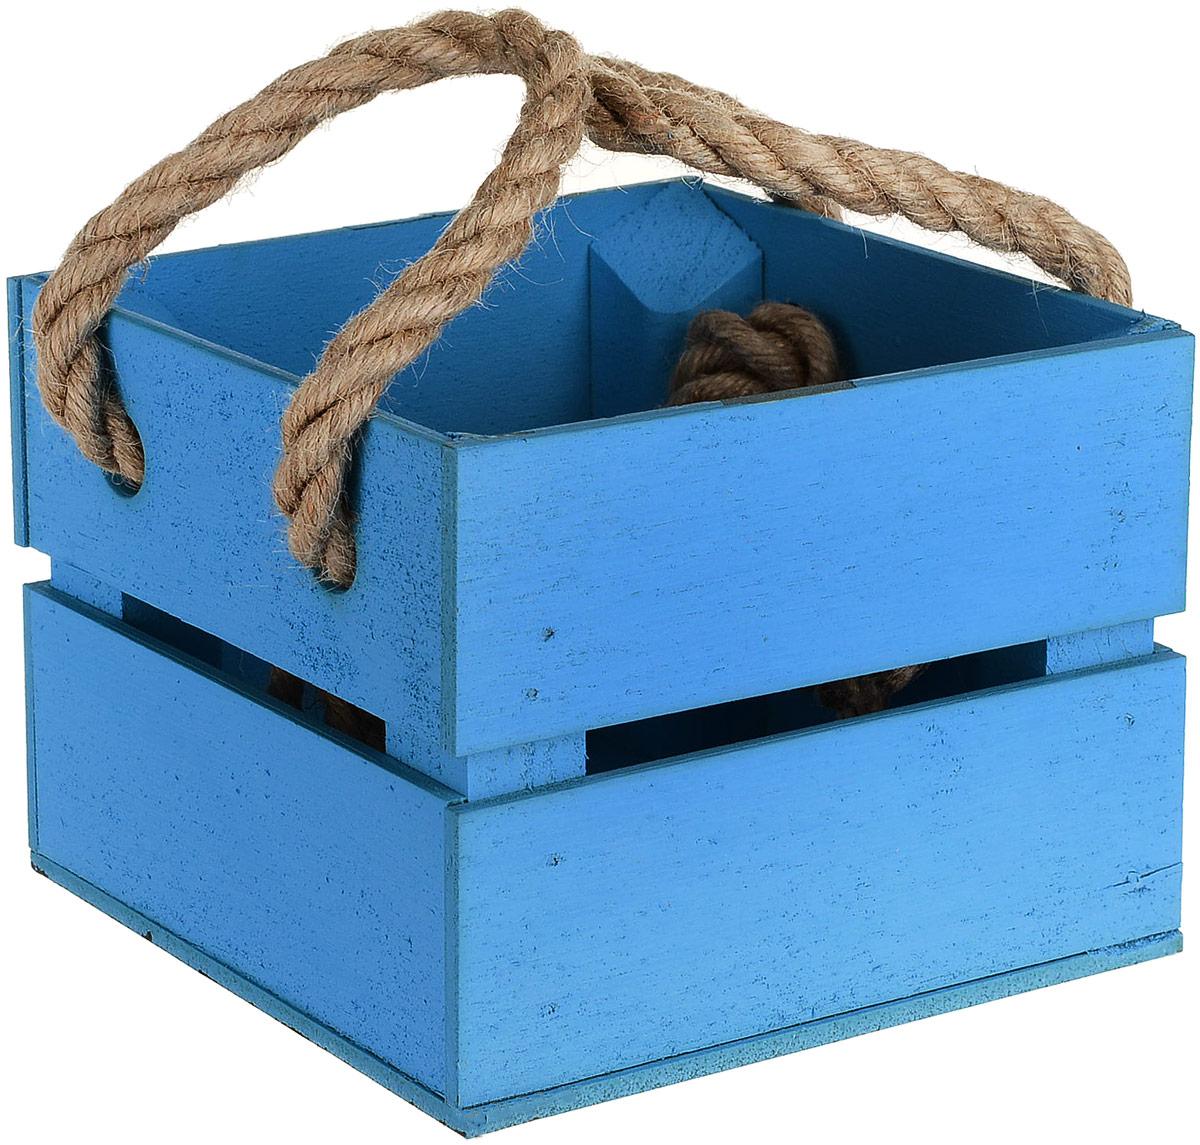 Кашпо ТД ДМ Ящик, цвет: голубой, 11 х 12 х 9 см кашпо тд дм ящик любовь флористическое 20 х 16 х 9 5 см